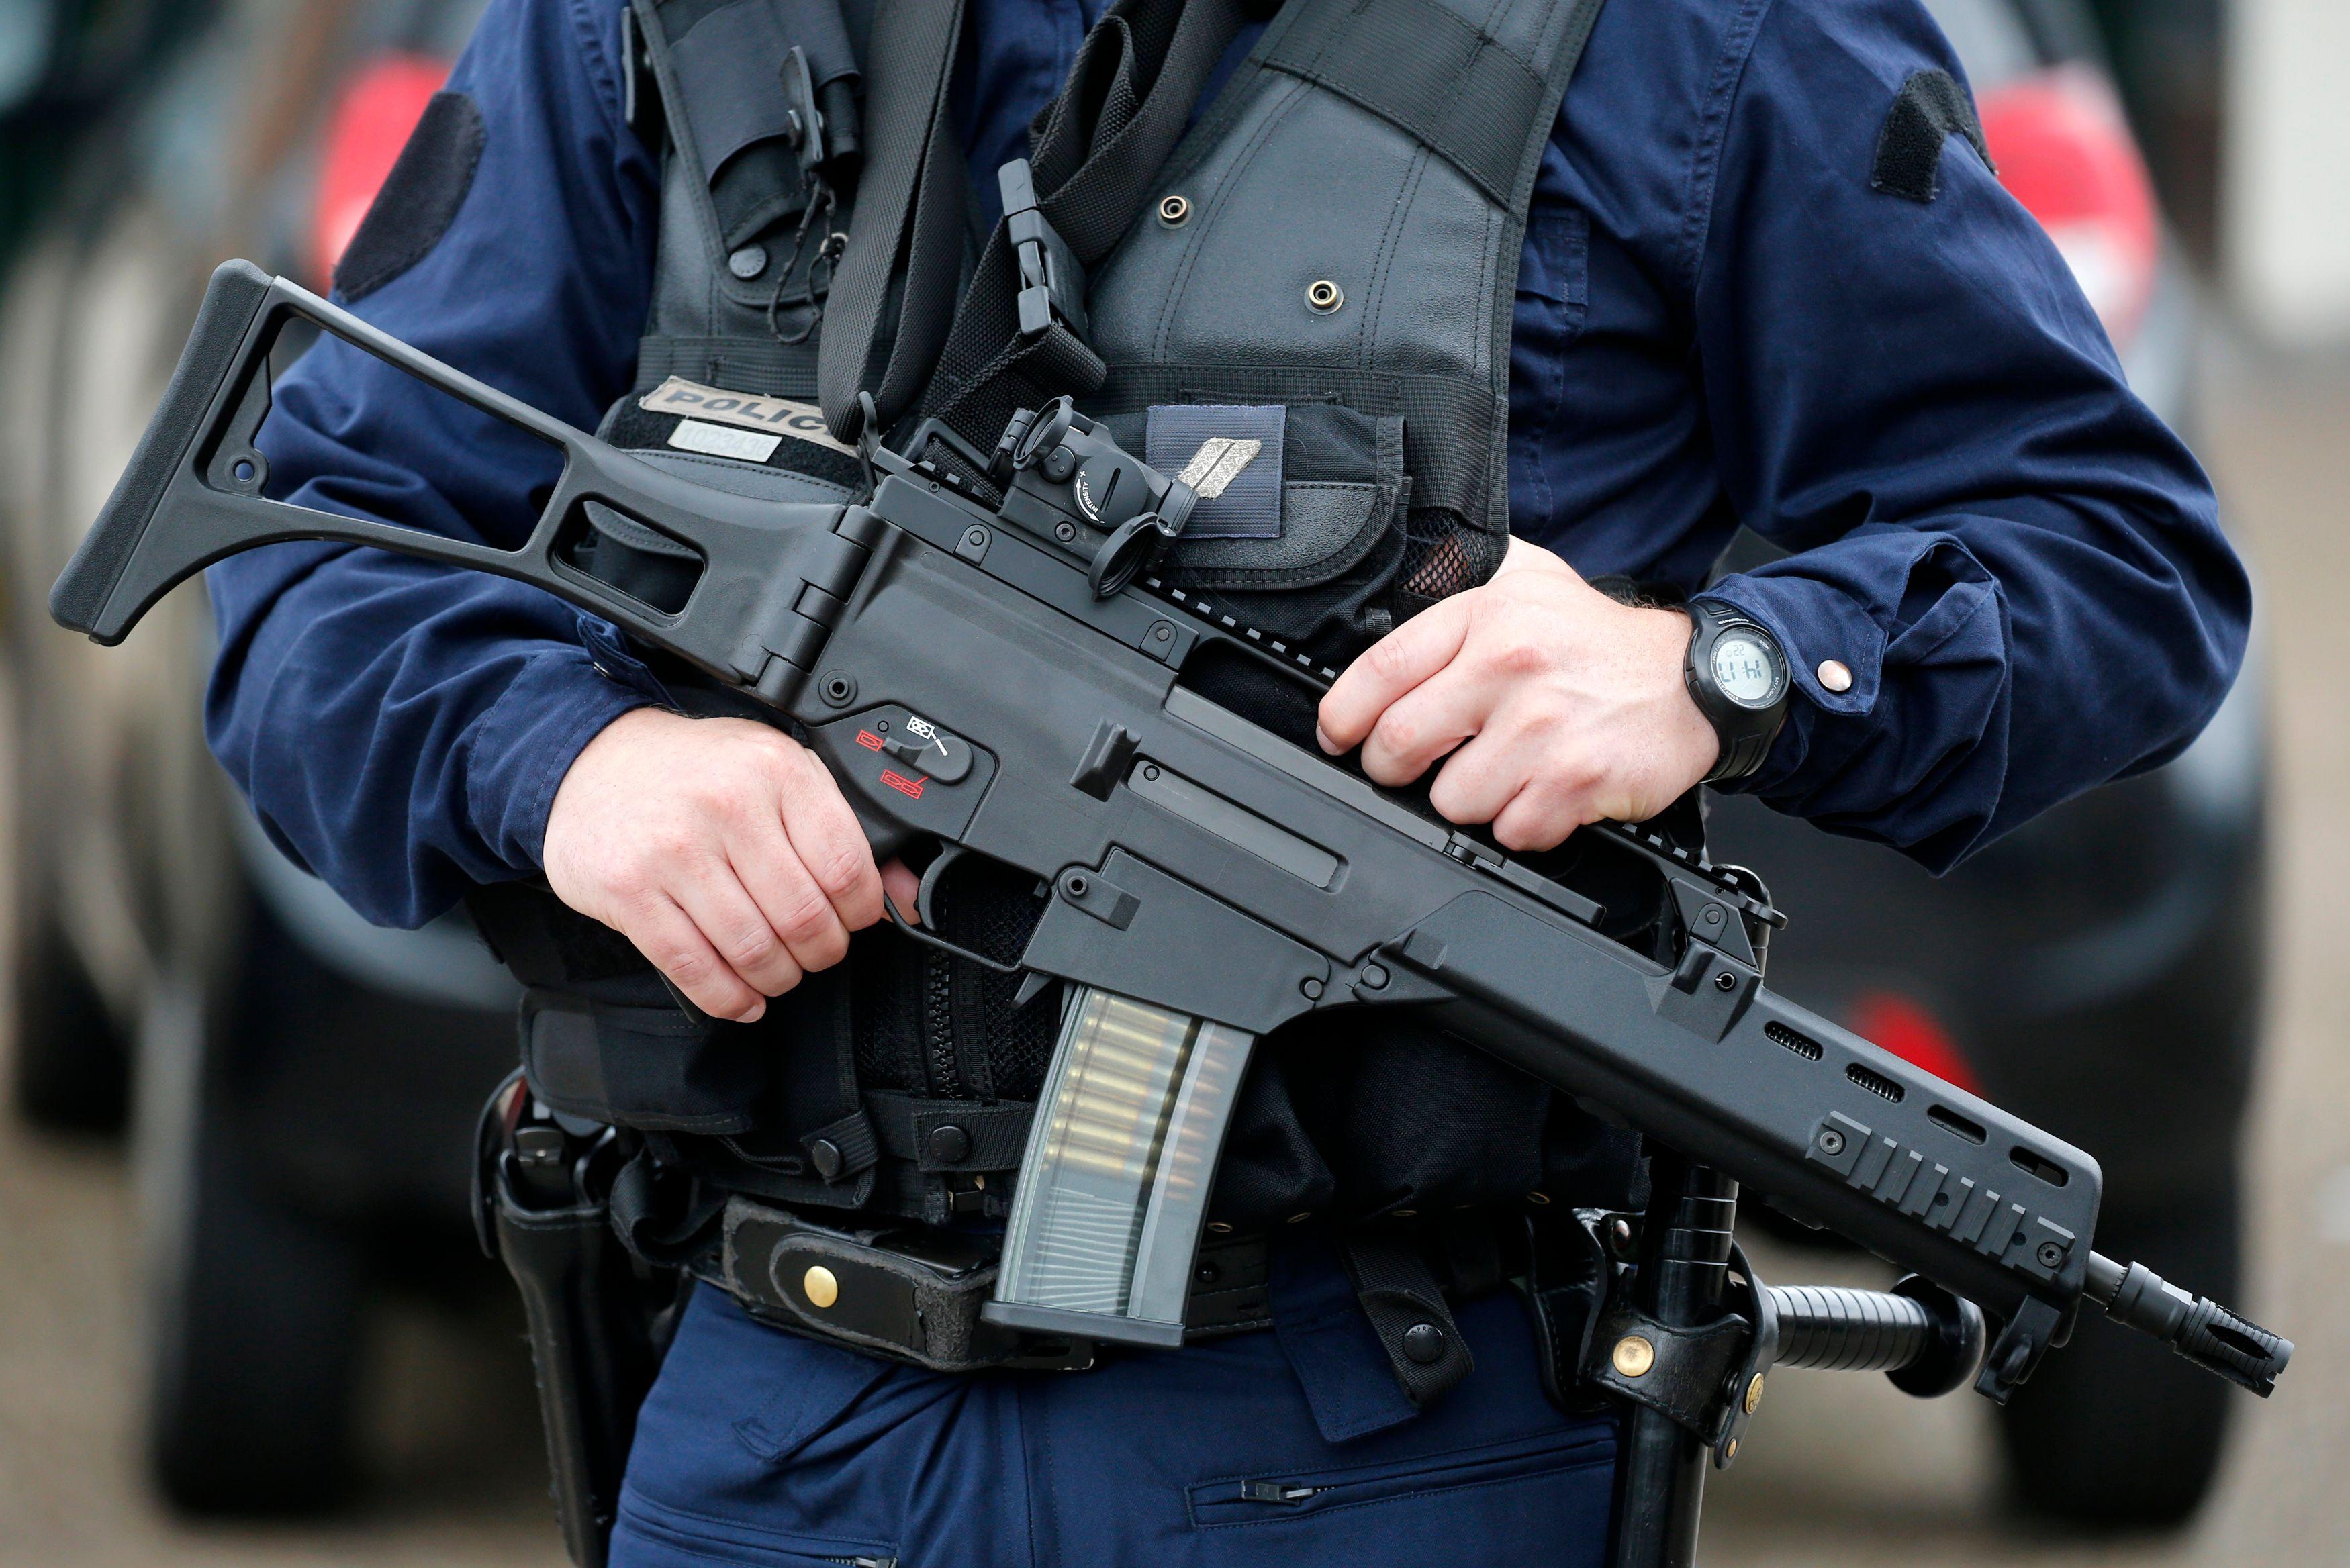 Terrorisme : 71% des Français redoutent un attentat pendant les fêtes de fin d'année